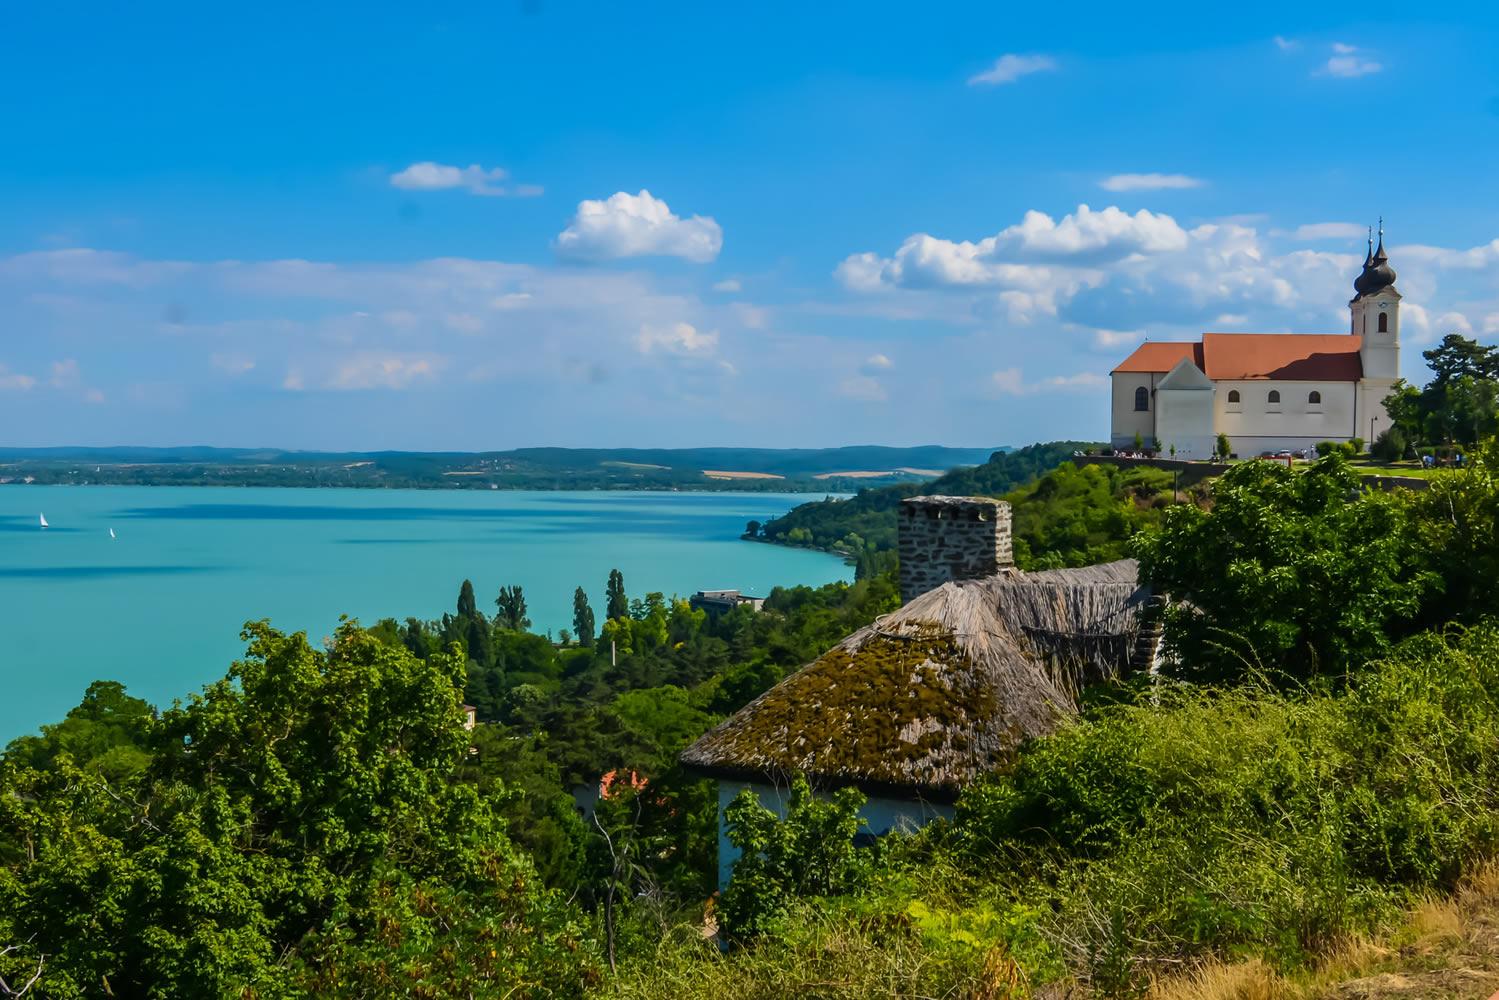 دریای مجارستان همان بالاتون است